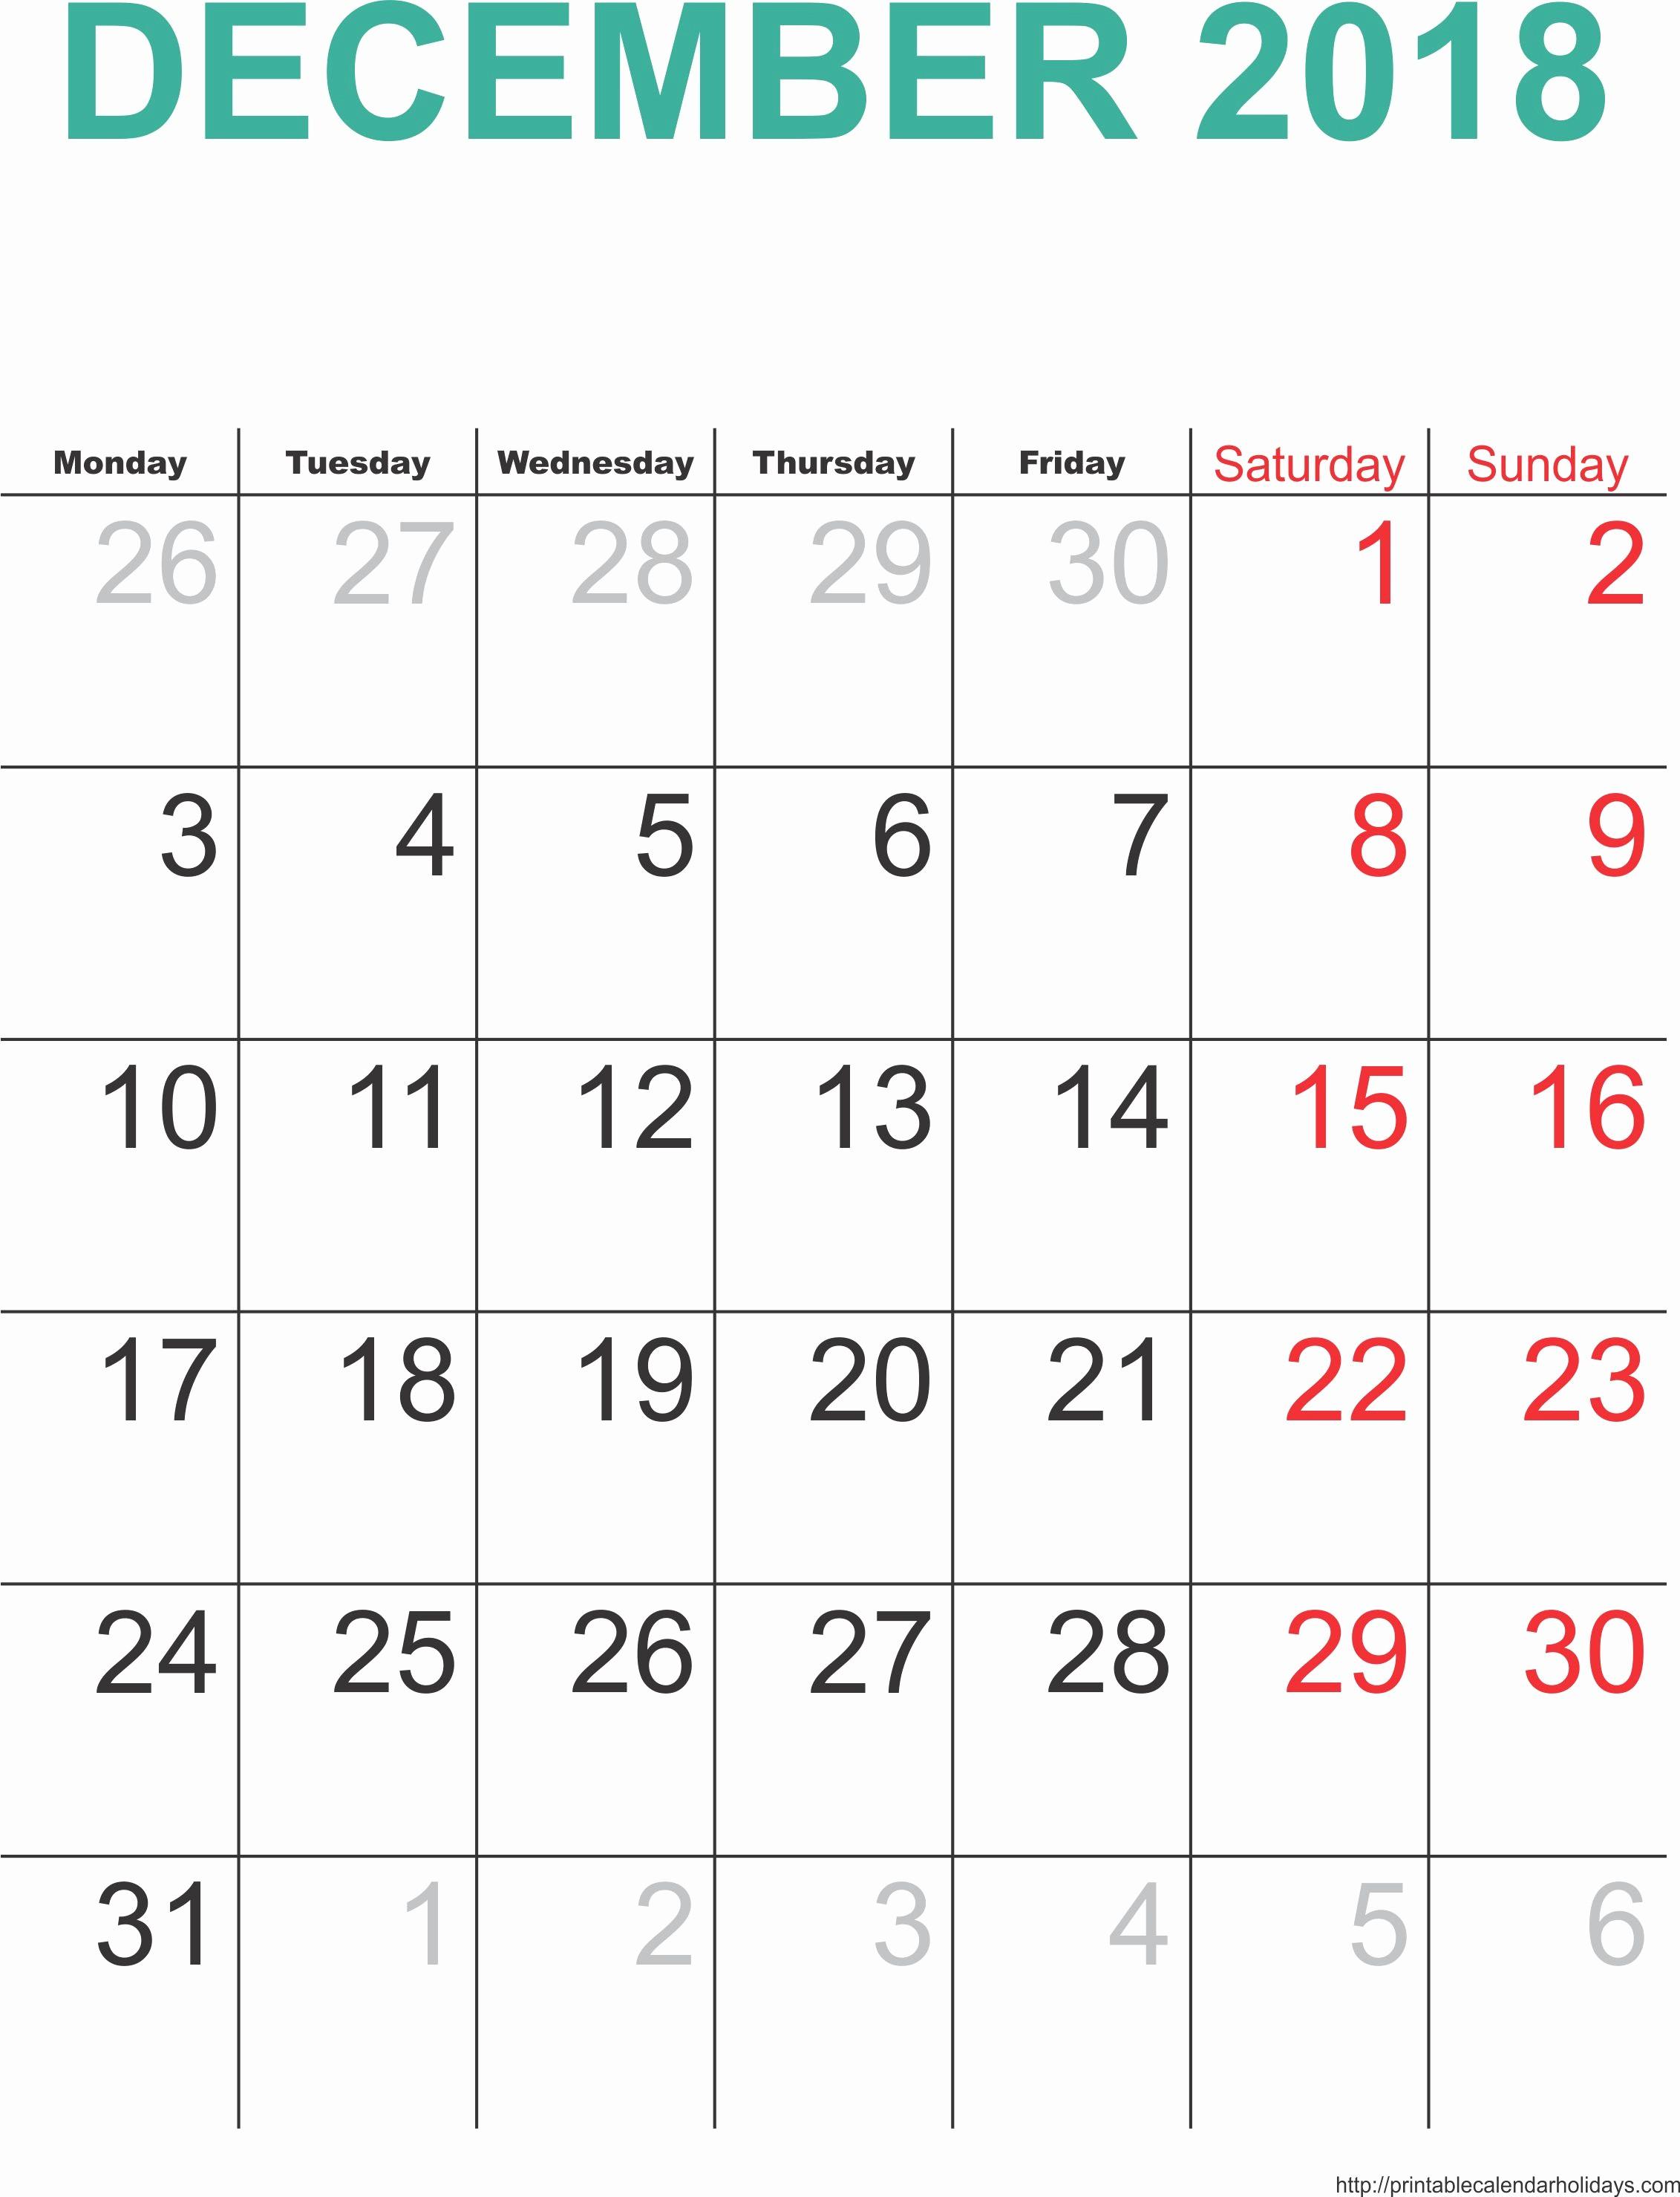 December 2017 Calendar Template Word Luxury December 2018 Calendar Template